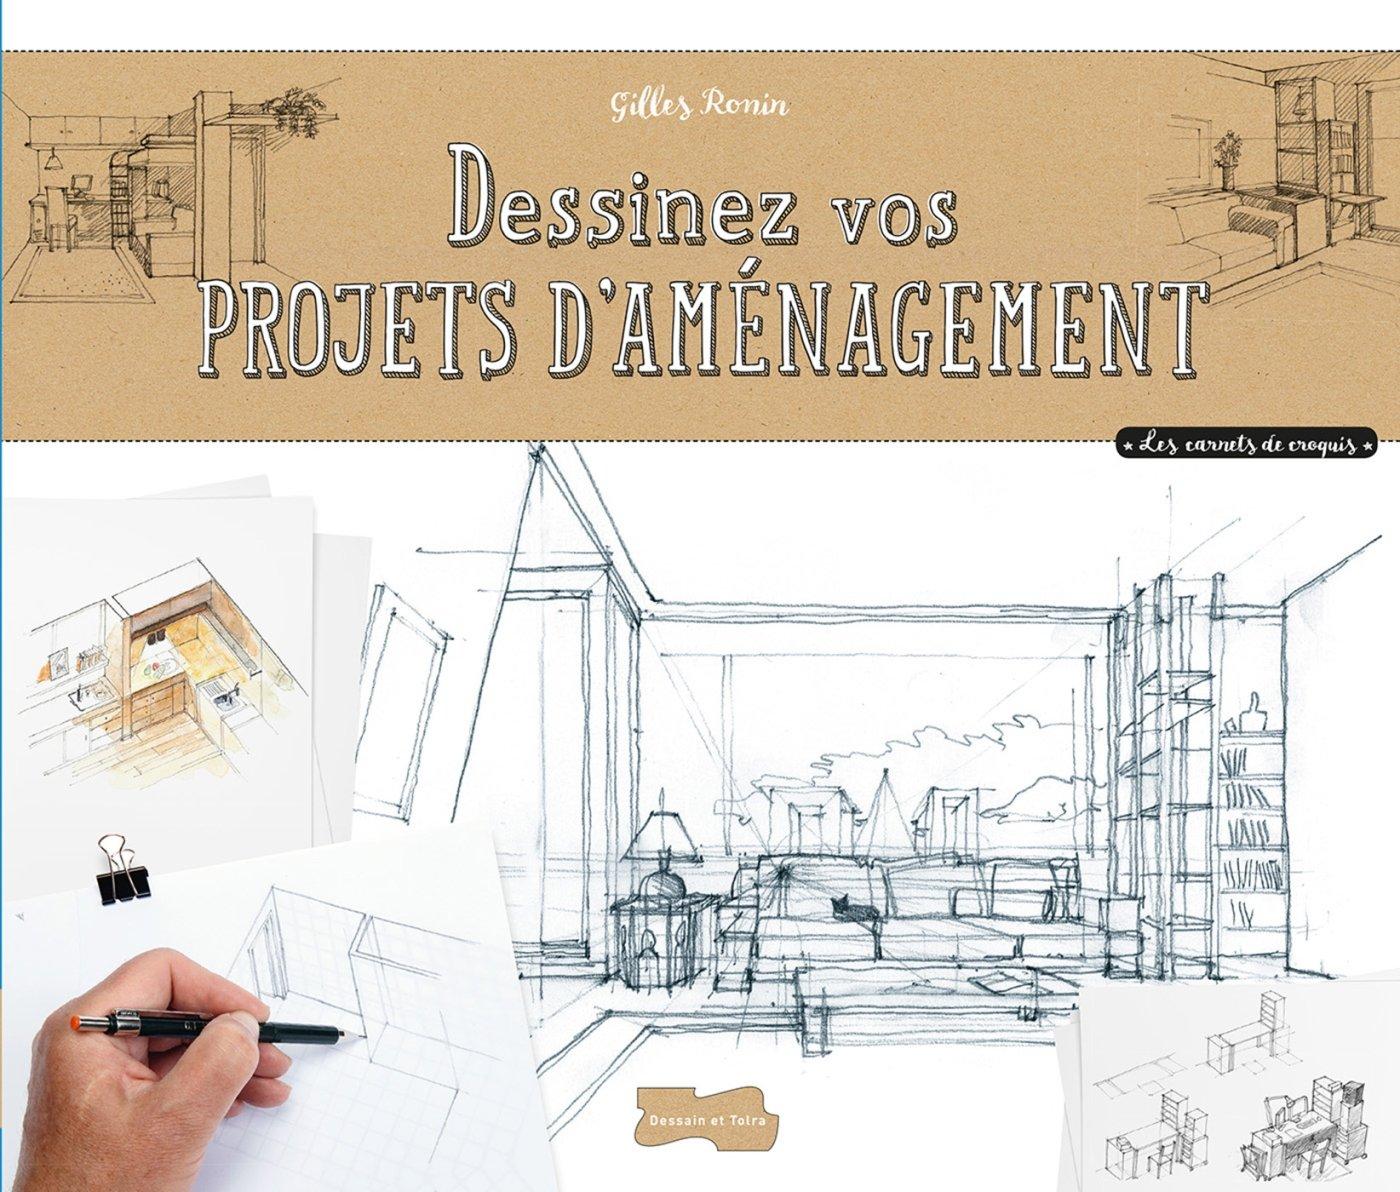 Dessiner des projets d'aménagement à main levée por Gilles Ronin